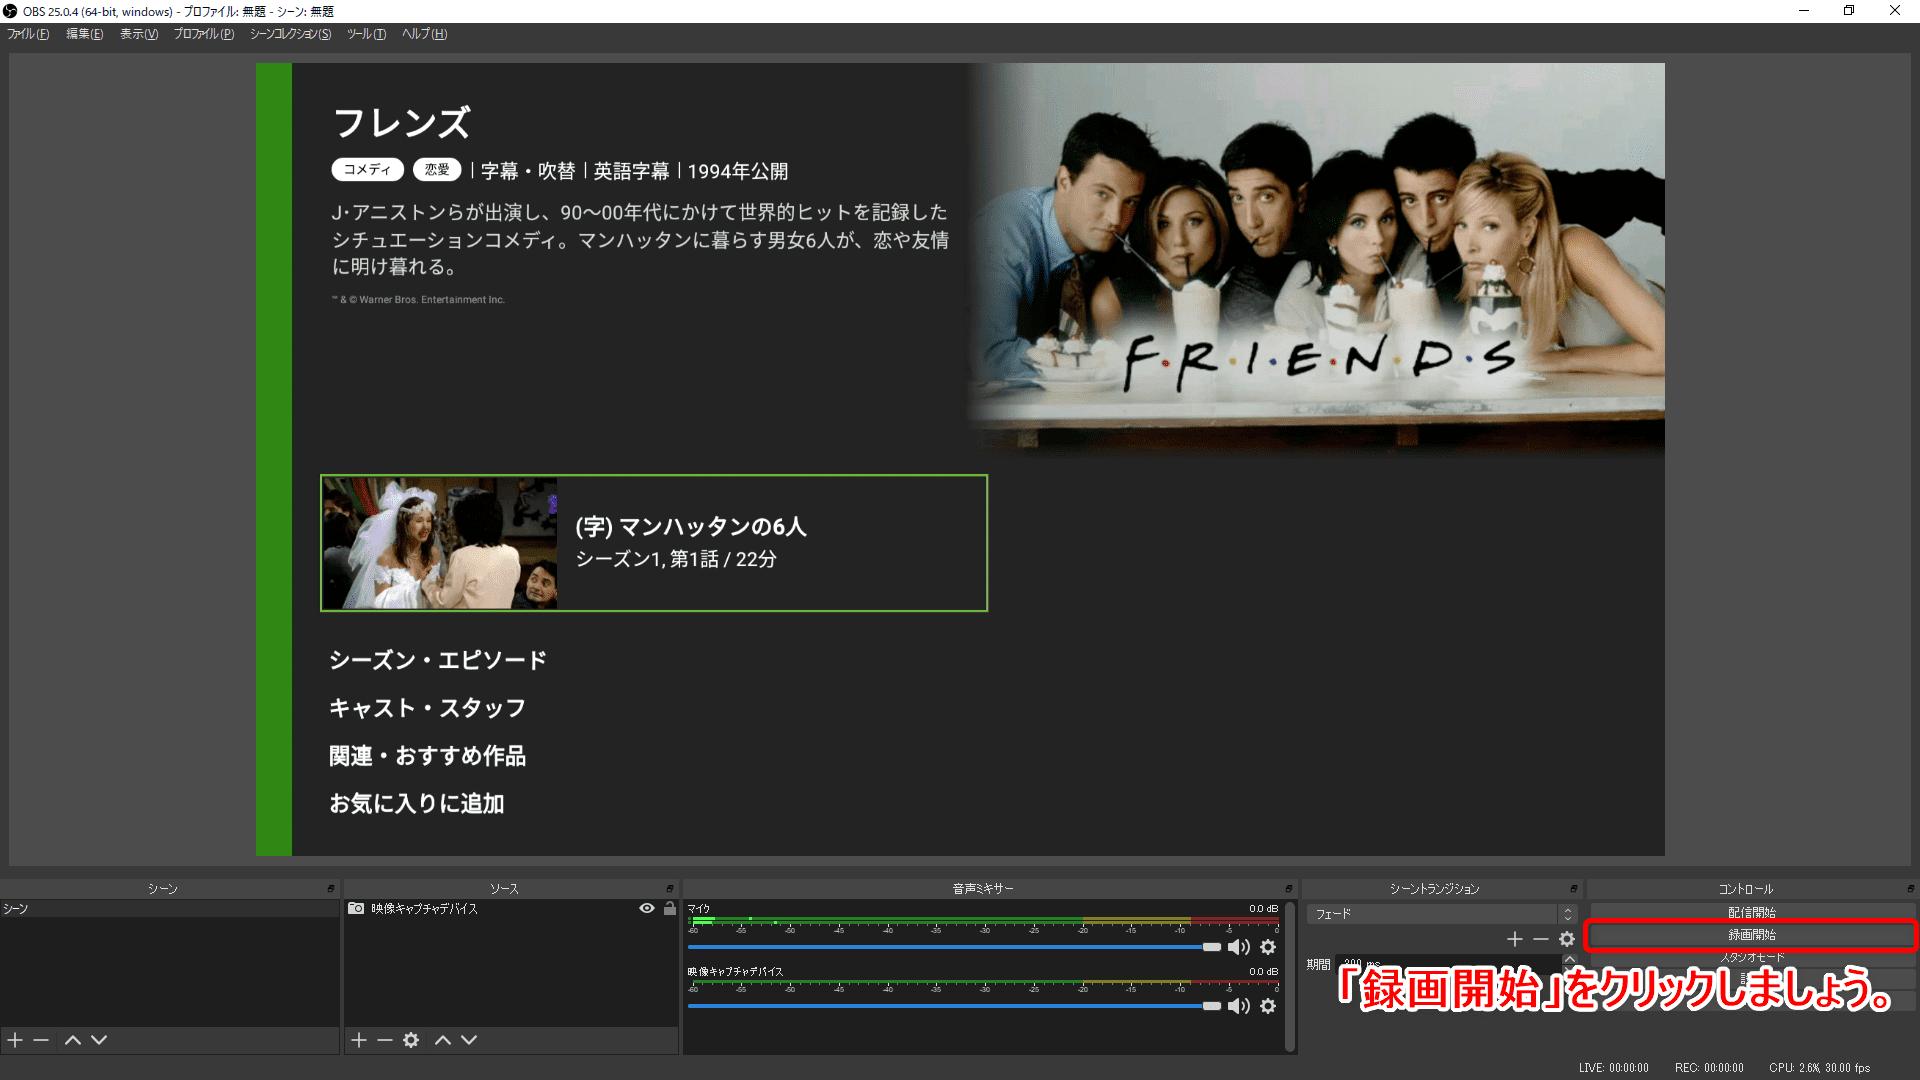 【海外ドラマ「フレンズ」Hulu録画】動画配信サービスでフレンズ・シーズン1~シーズン10最終話まで無料録画する方法|Huluは全エピソード見放題!|録画方法:OBS Studioで動画を録画する:動画コンテンツの再生に合わせて、OBS Studio操作画面の右側にある「録画開始」ボタンを1回クリックして動画の録画を開始させればOK。